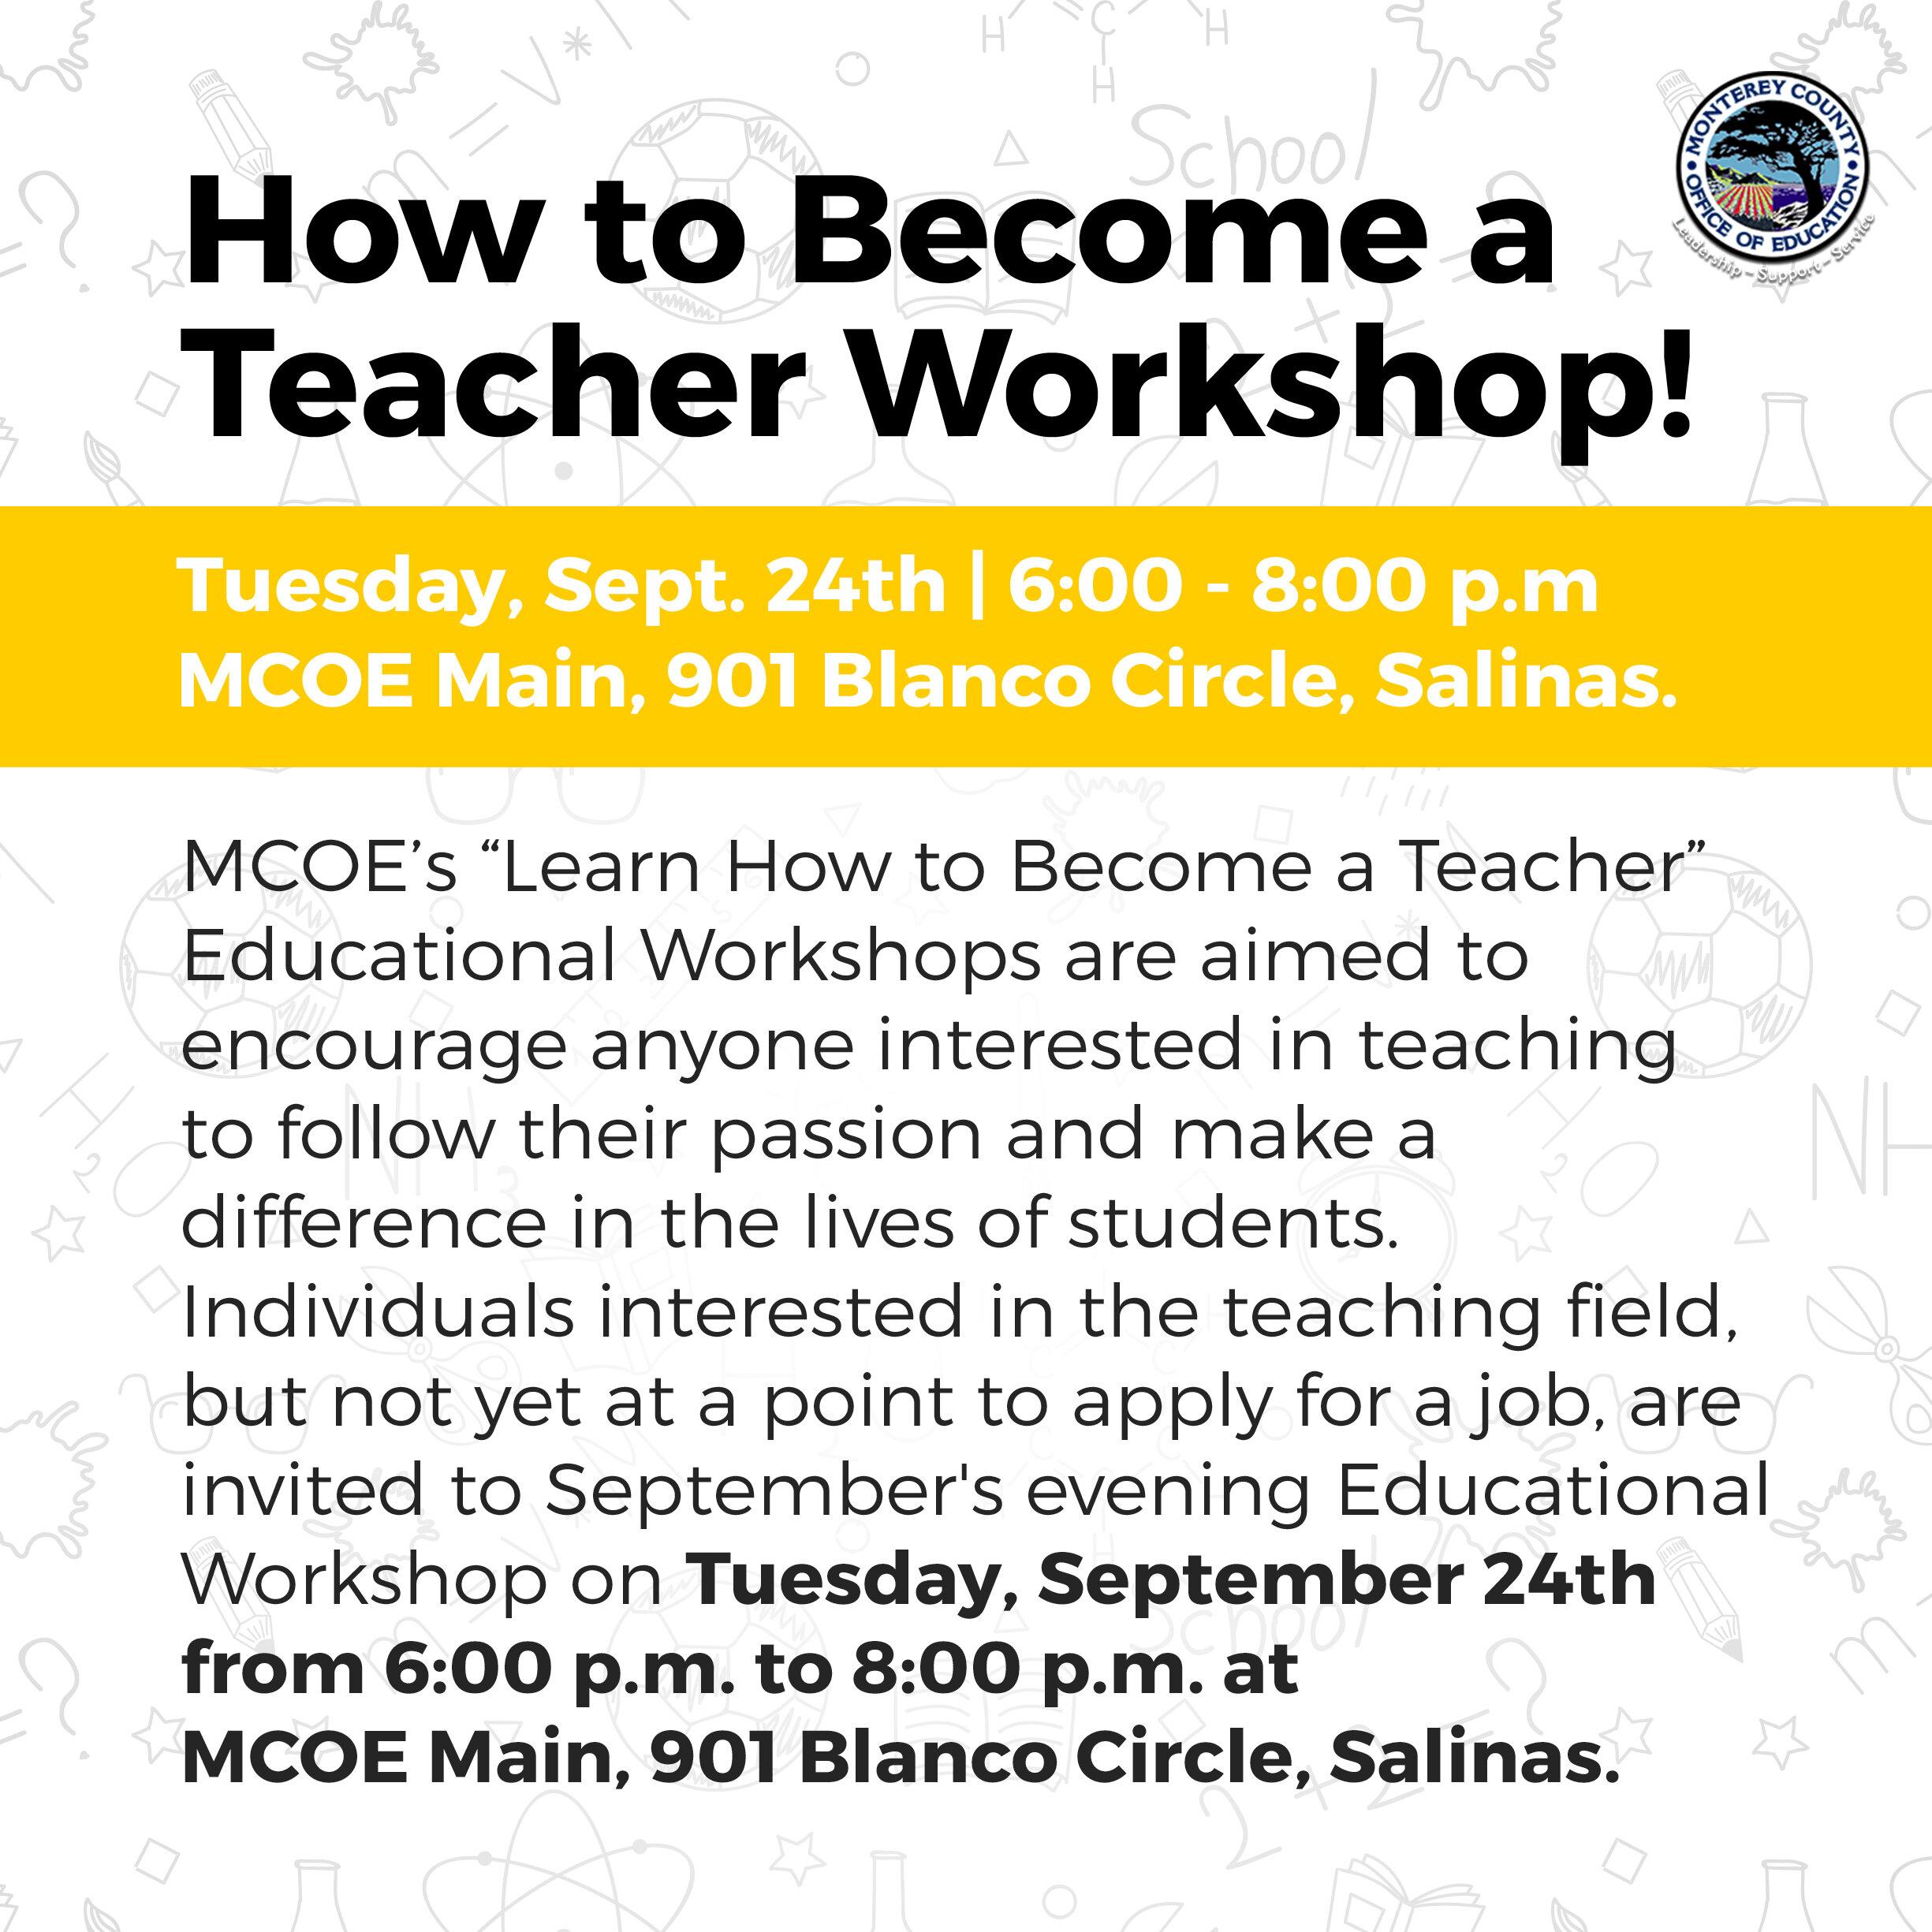 Becoming a Teacher Workshop_Social Ad.jpg